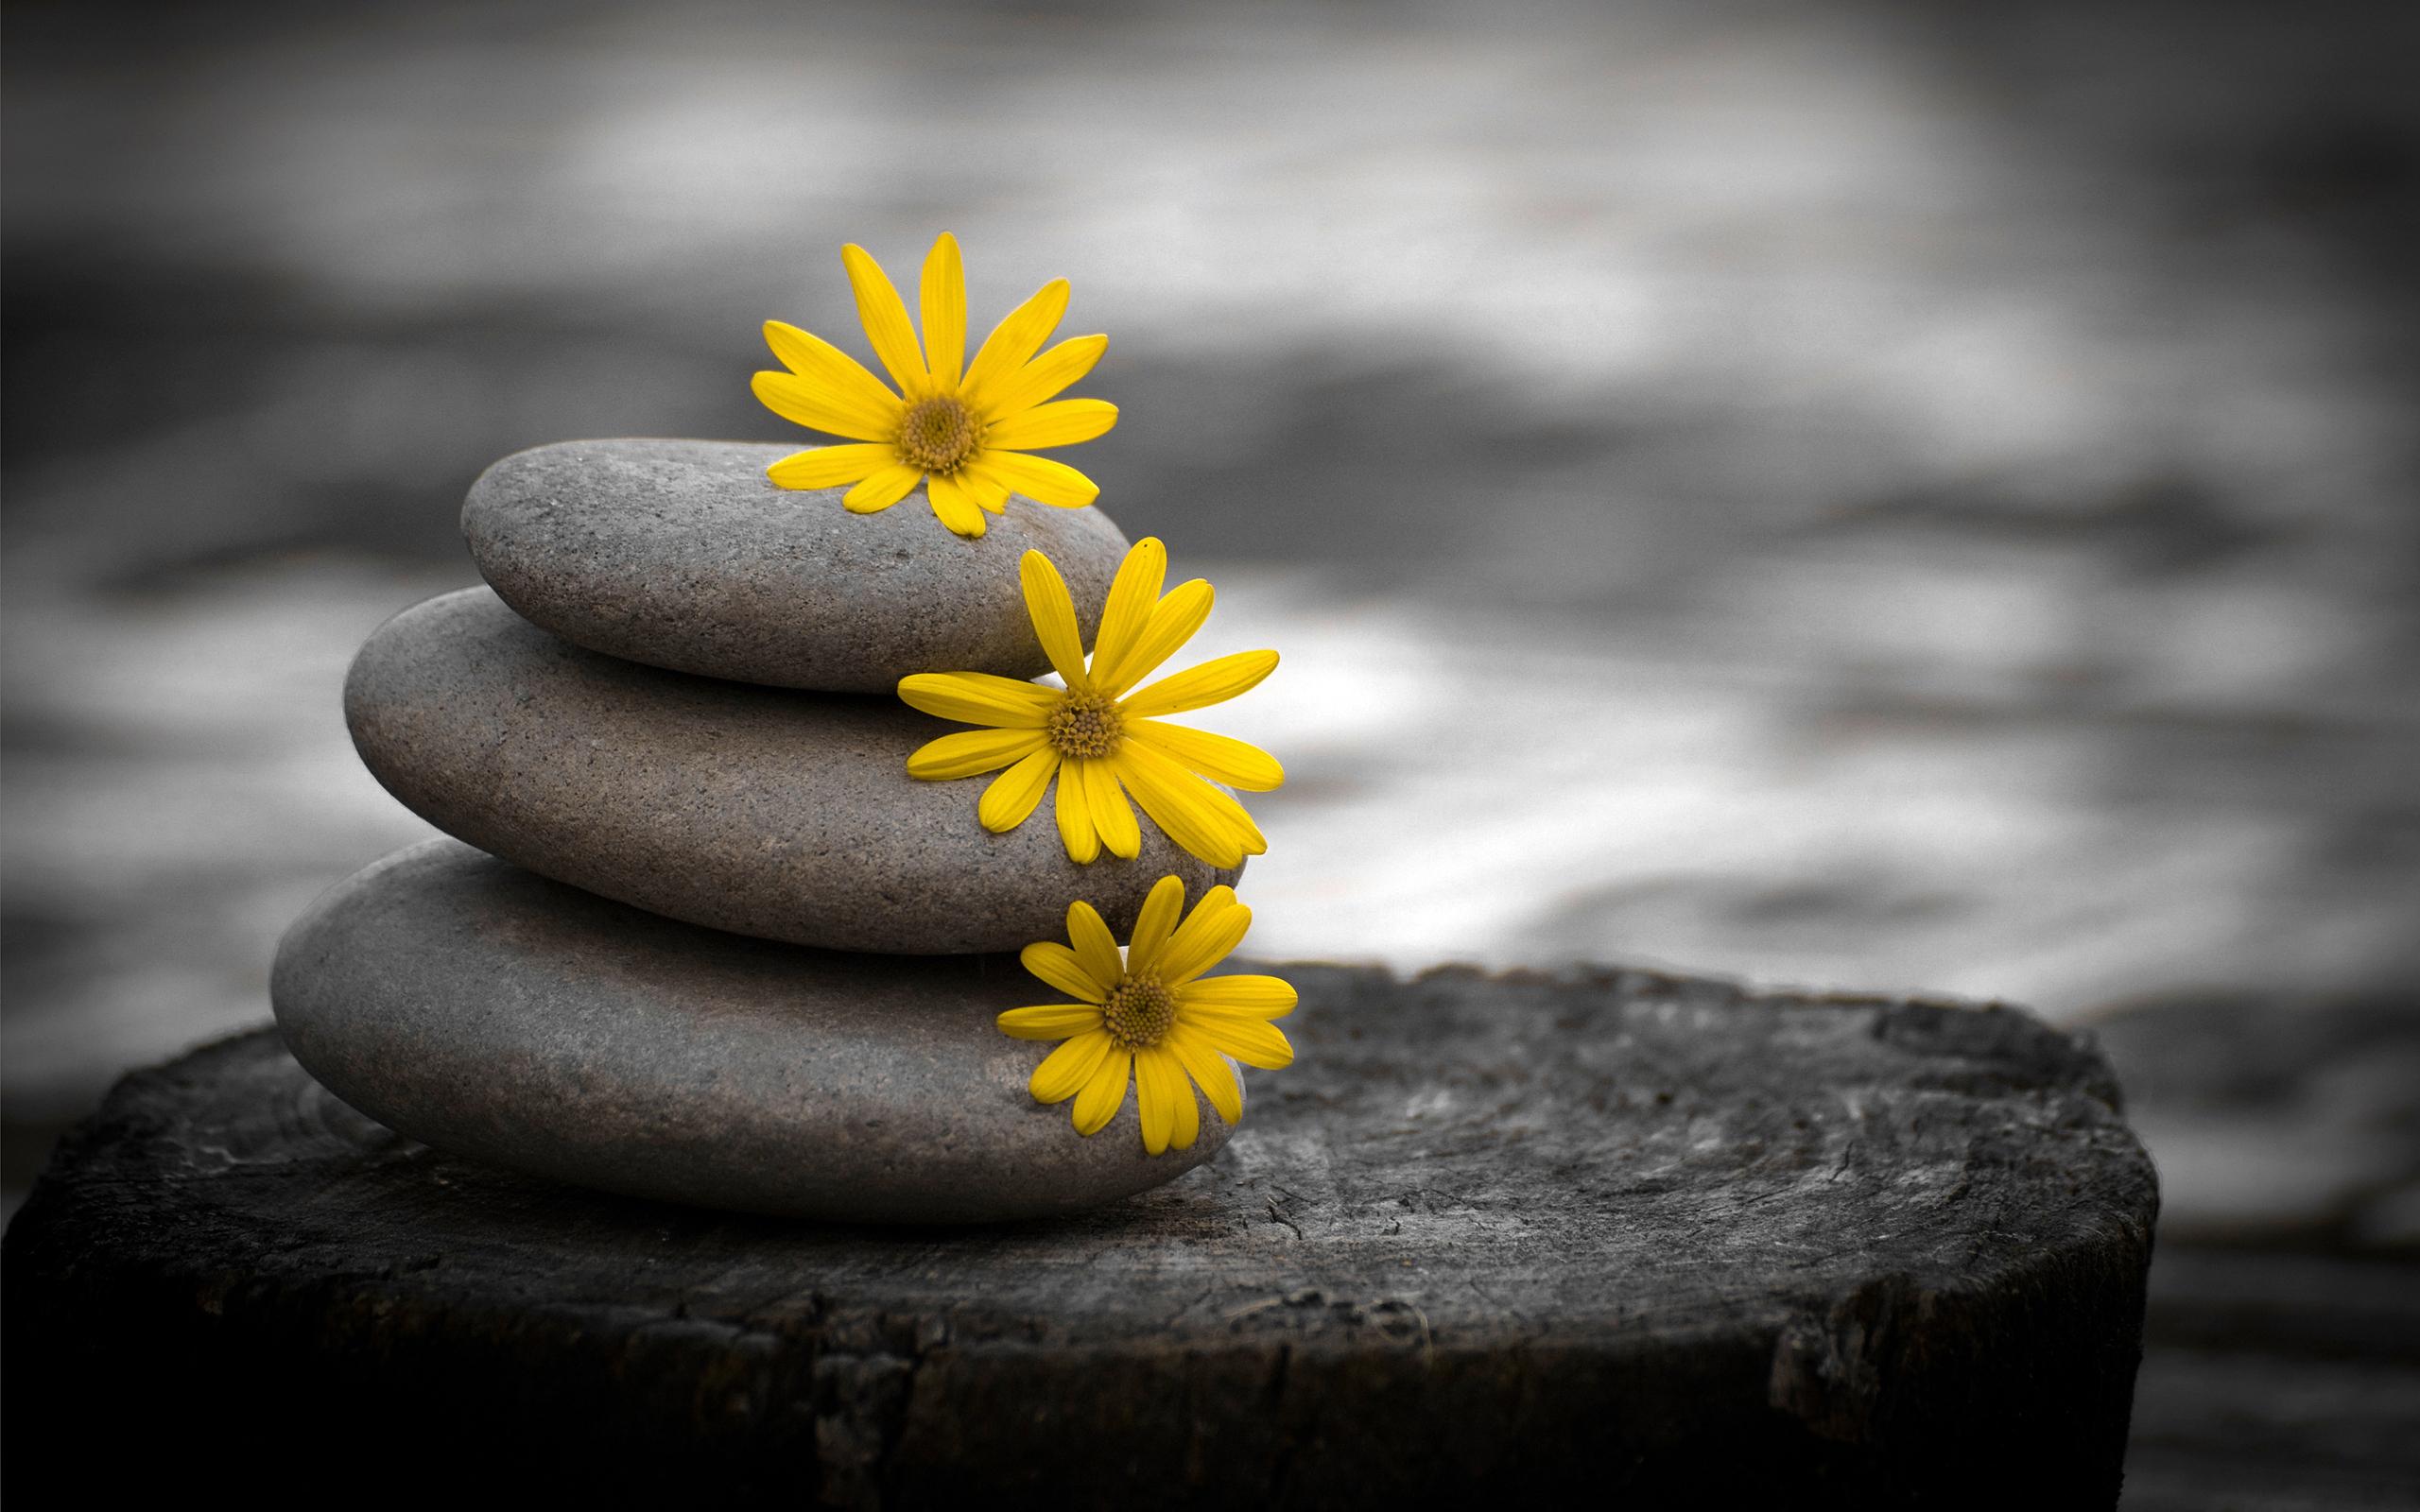 Камни черные цветок  № 2989390 без смс